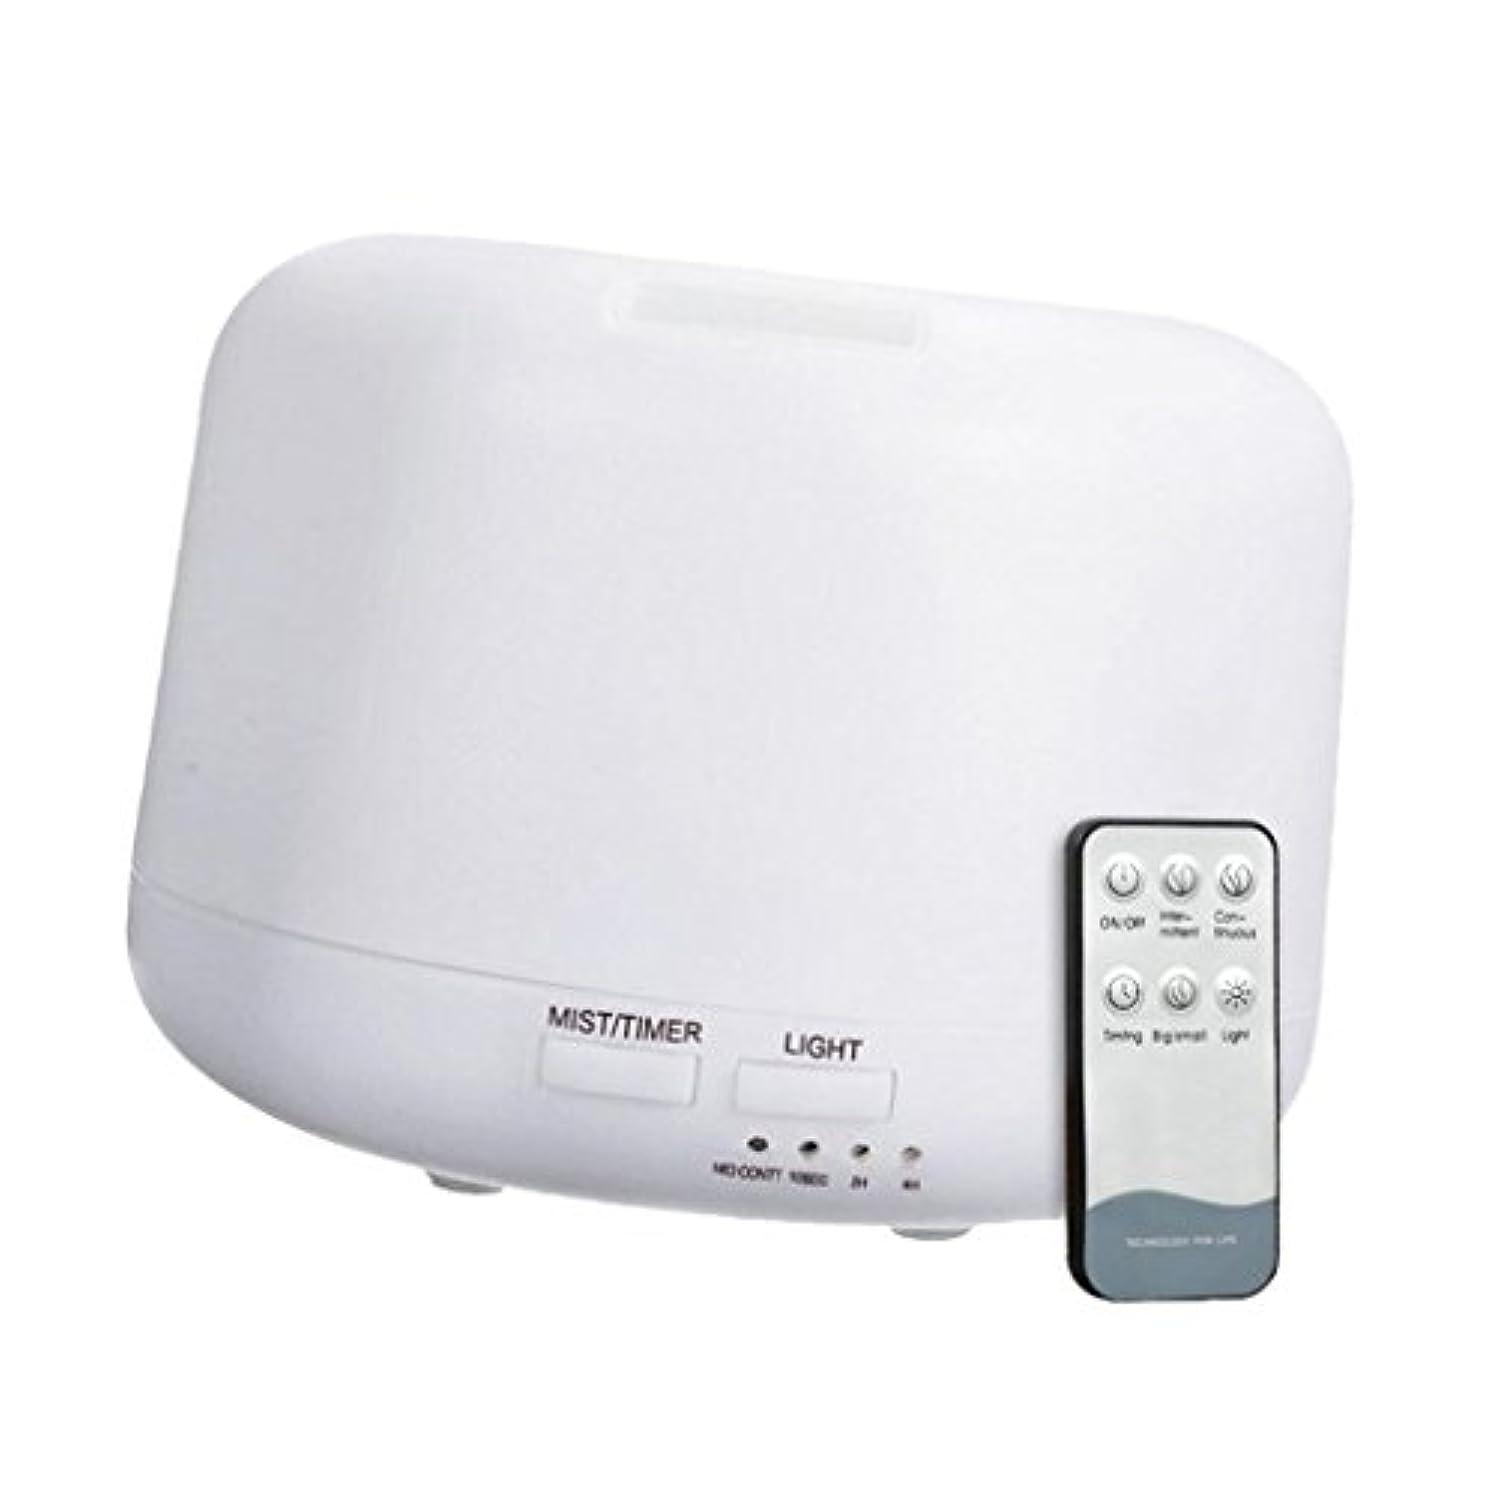 またね洗う水差しFenteer 300mL 超音波 加湿器 ディフューザー アニオン リモートコントロール エアフレッシュナー